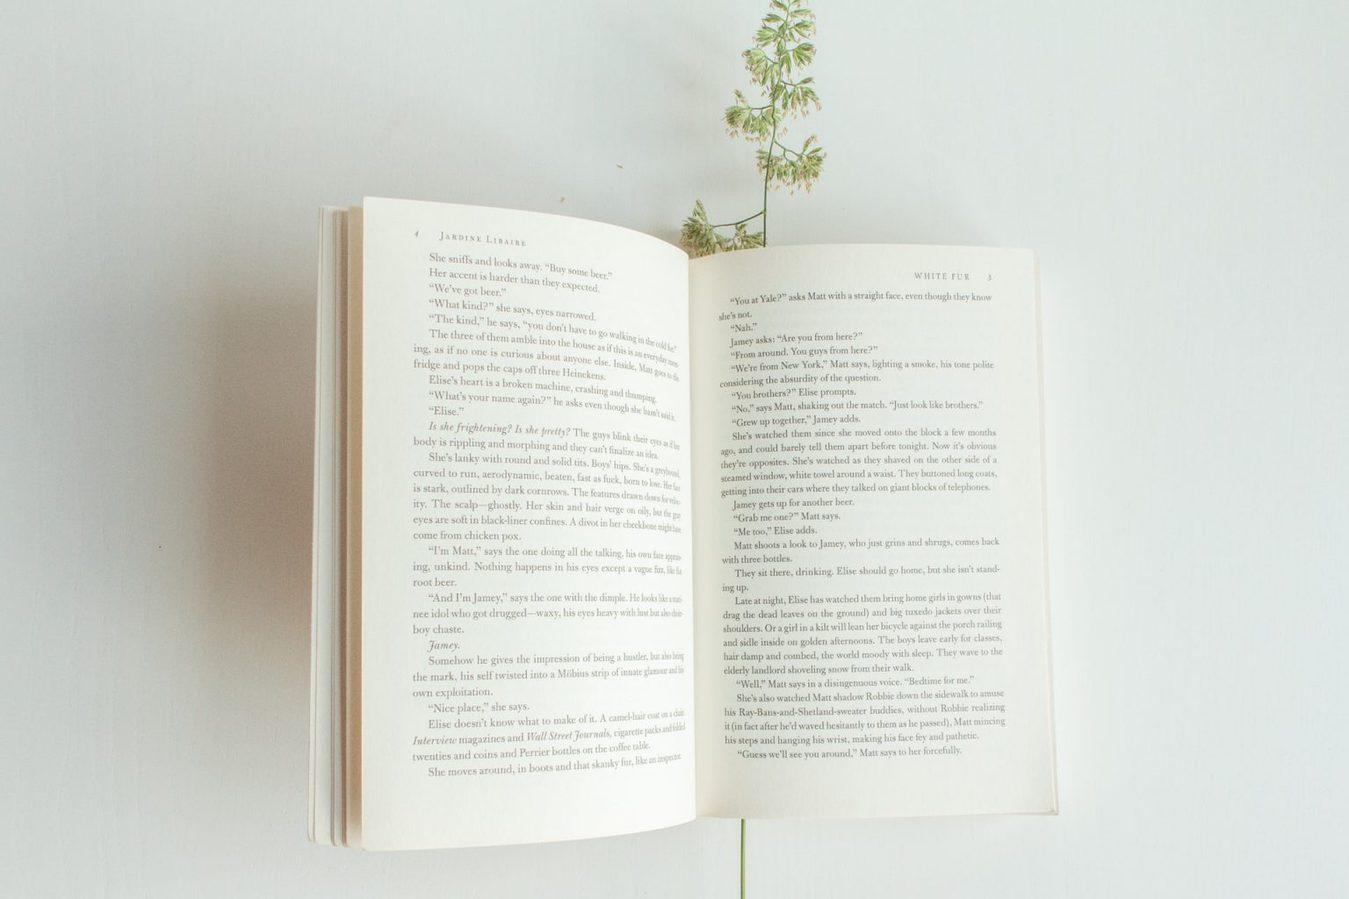 Um livro aberto sobre uma mesa branca